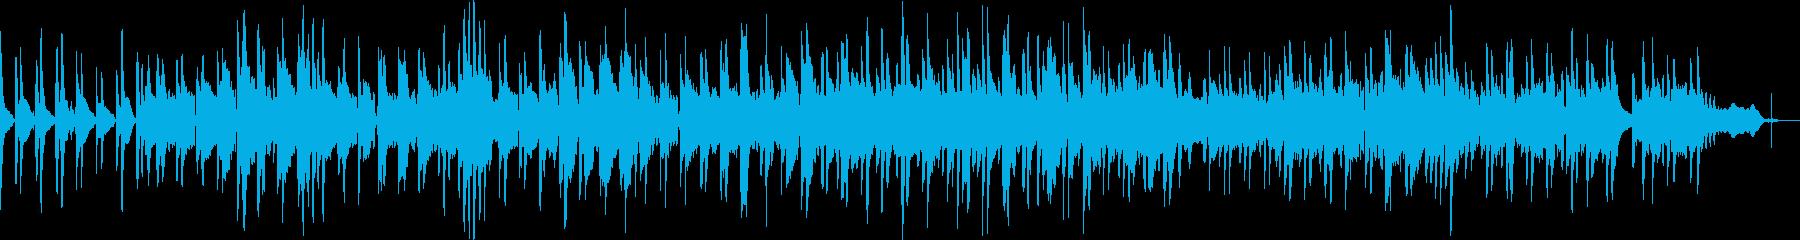 郷愁・ノスタルジックなバンドネオンの再生済みの波形